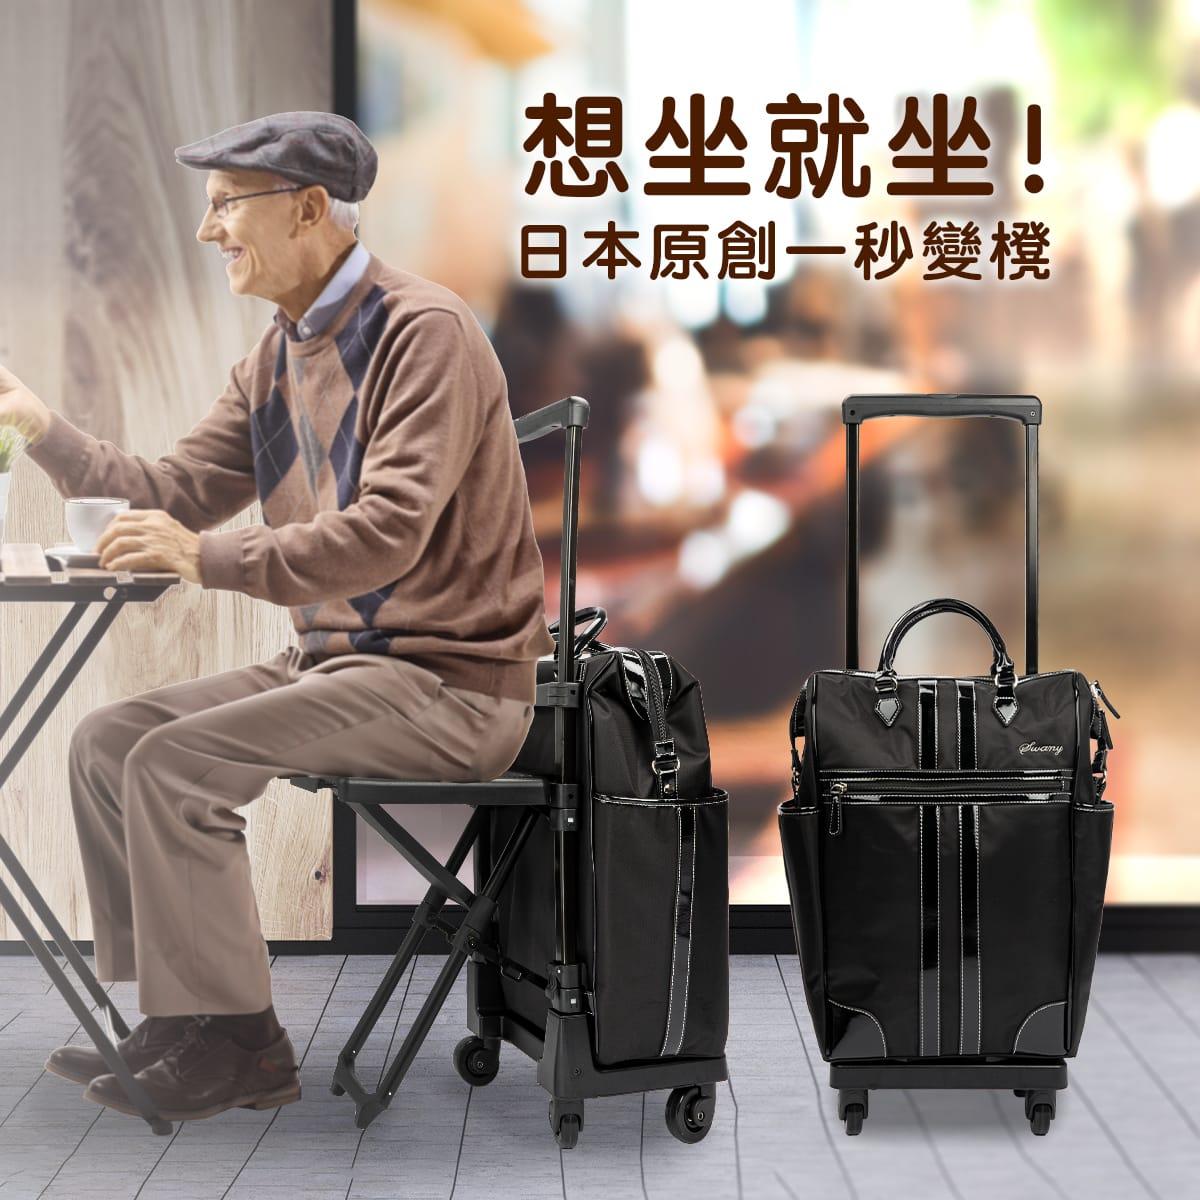 【想坐就坐】陪你去玩去癲嘅日本Swany步行袋!